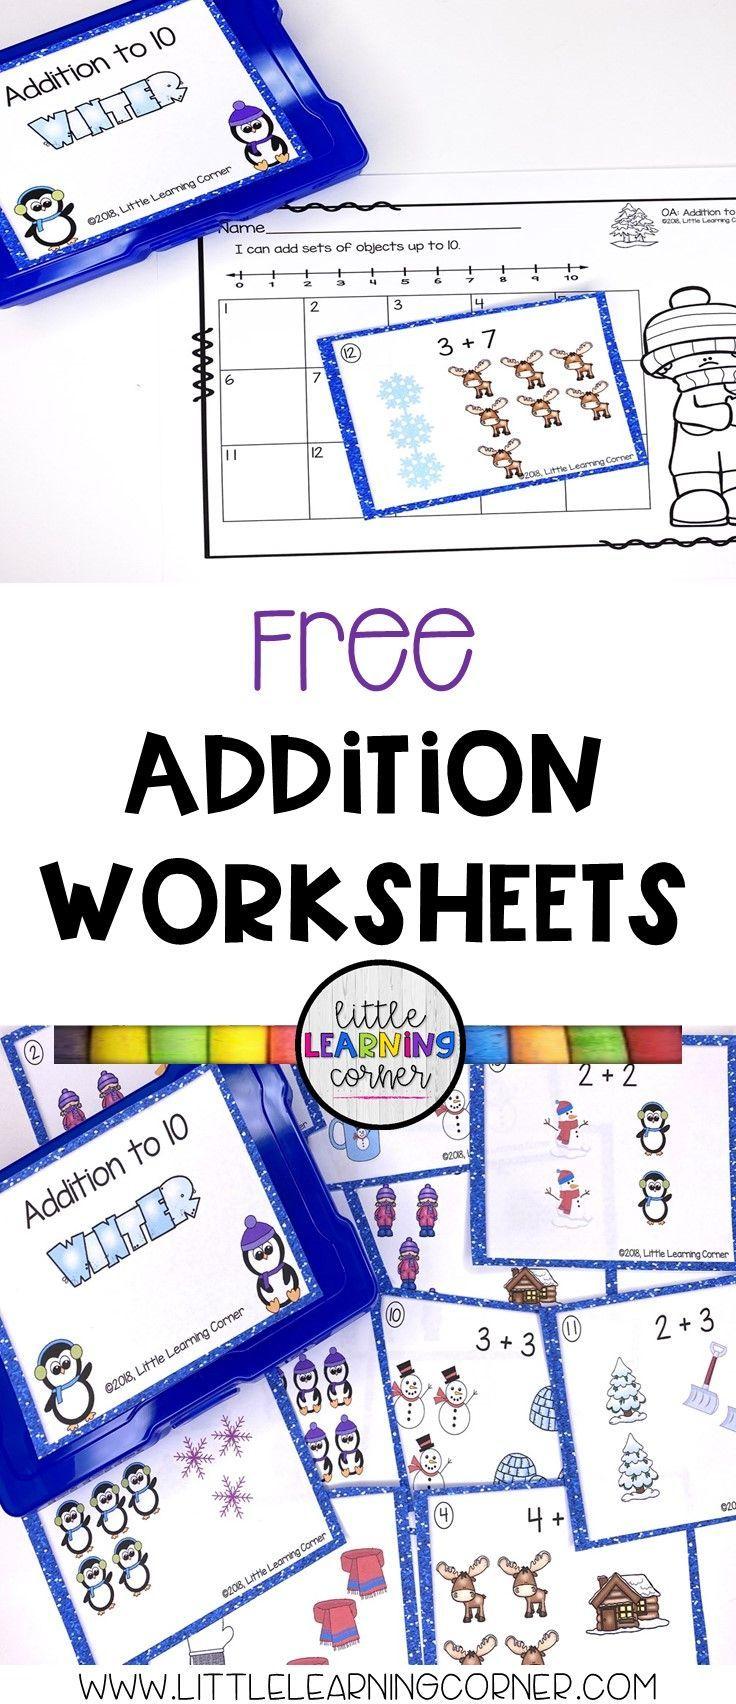 Addition Worksheets For Kindergarten In 2021 Kindergarten Addition Worksheets Kindergarten Worksheets Addition Worksheets [ 1704 x 736 Pixel ]